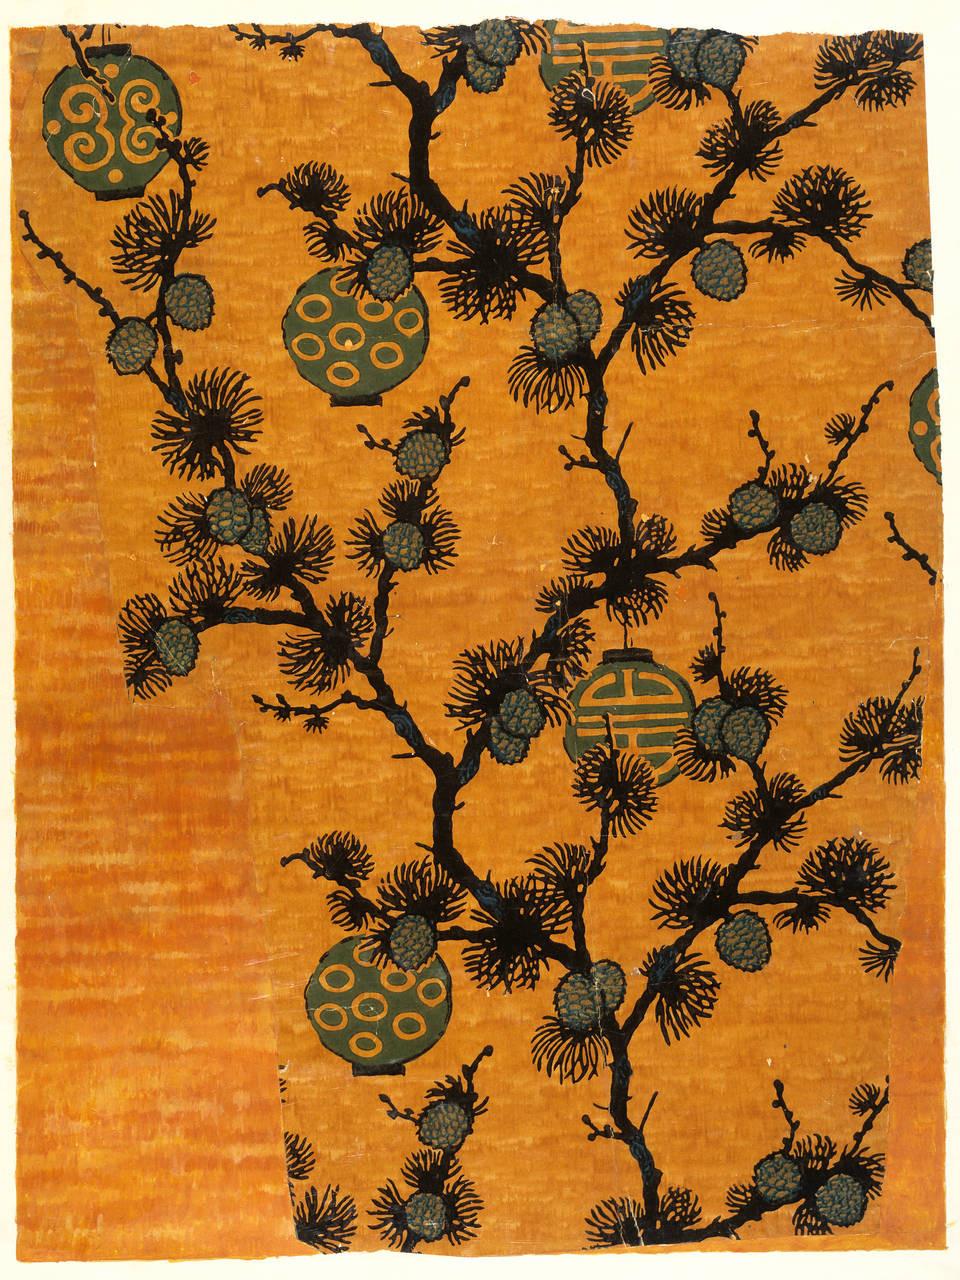 Một phần của tấm giấy dán tường theo 'phong cách phương Đông' - Blitz Creatives